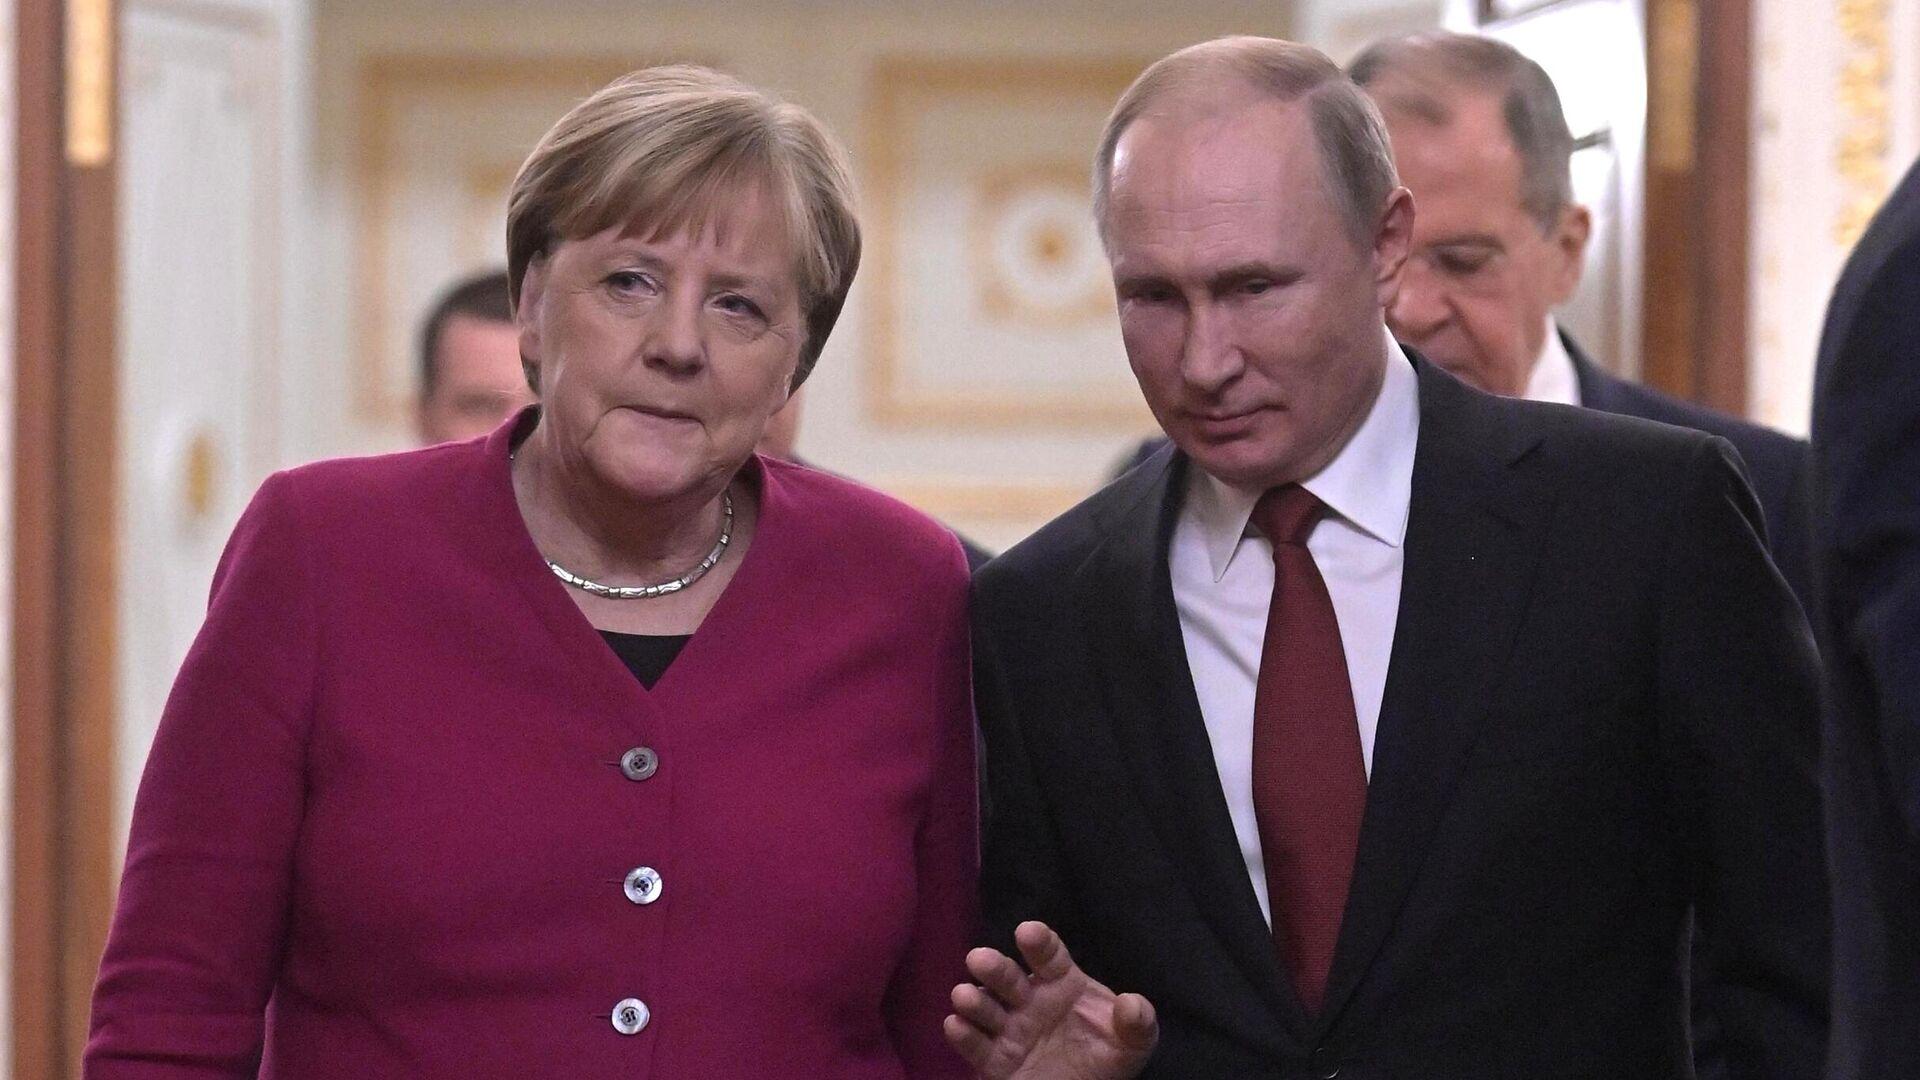 Президент РФ Владимир Путин и федеральный канцлер Германии Ангела Меркель перед совместной пресс-конференцией по итогам встречи - РИА Новости, 1920, 30.07.2021